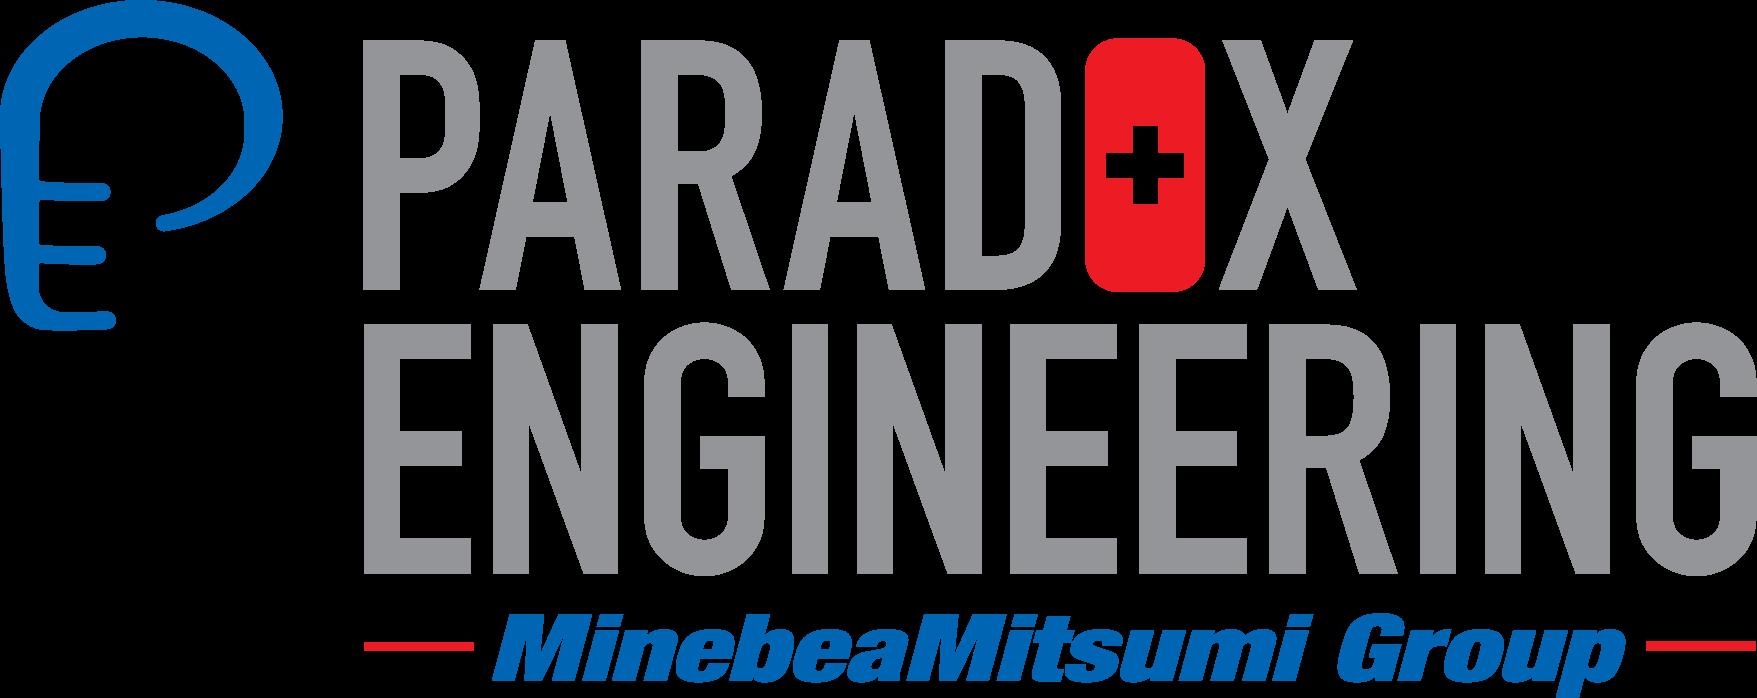 paradox engineering logo